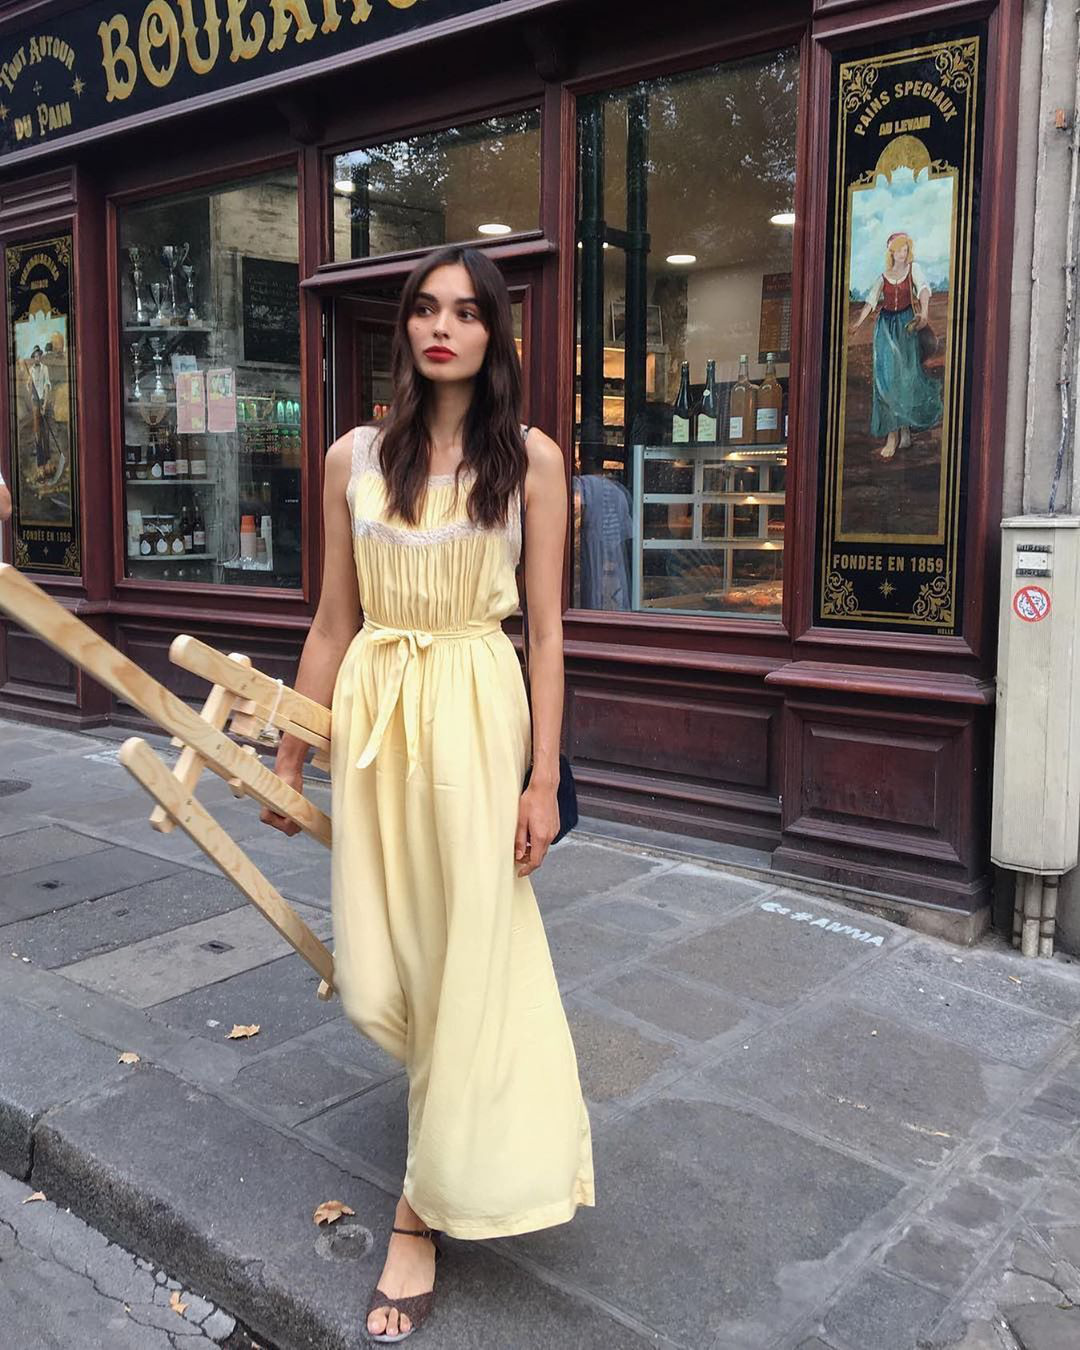 Trời se lạnh mà quẩy váy dáng dài là style sẽ yêu kiều như gái Pháp, điểm sang chảnh cũng tăng ngùn ngụt - Ảnh 8.